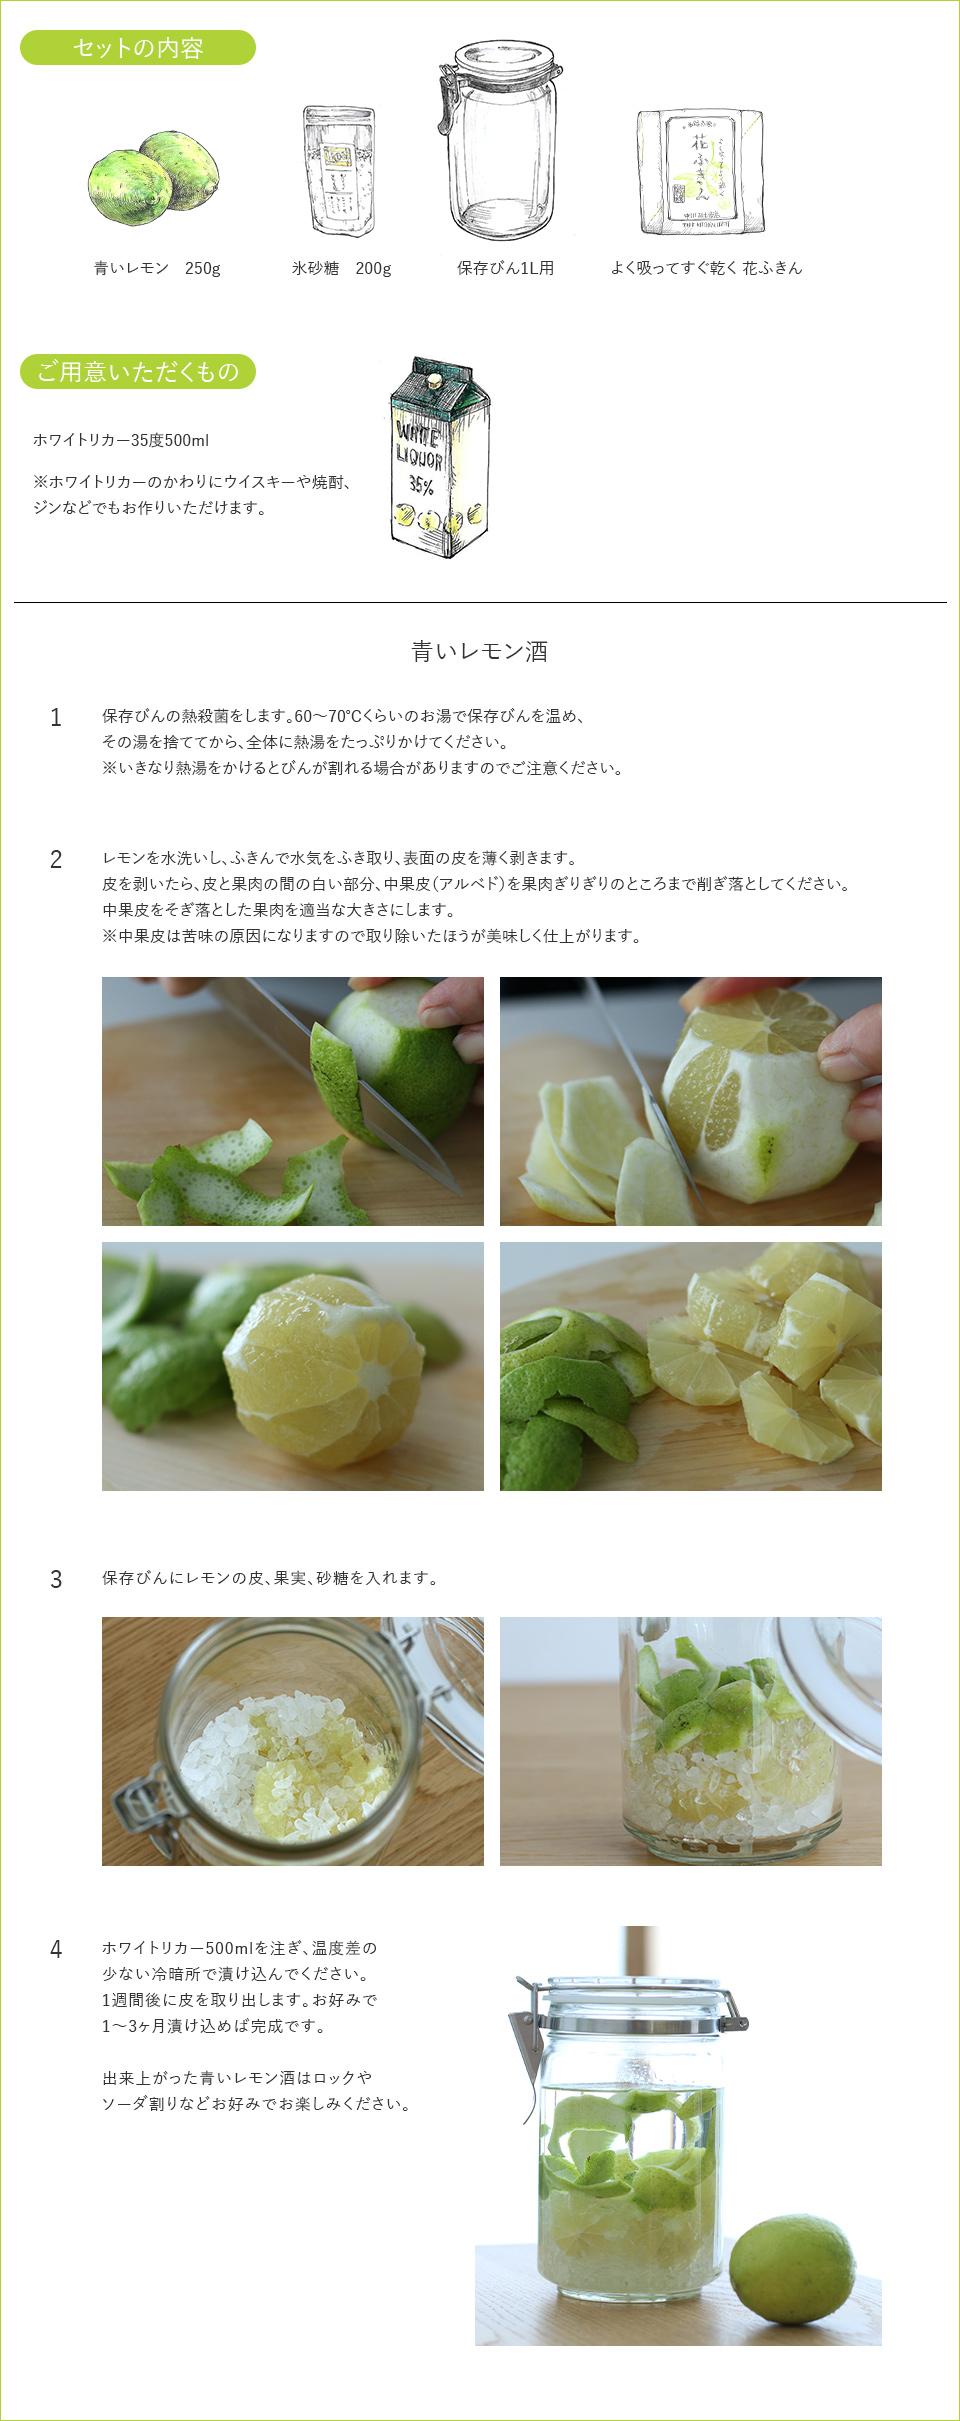 青いレモン酒キット